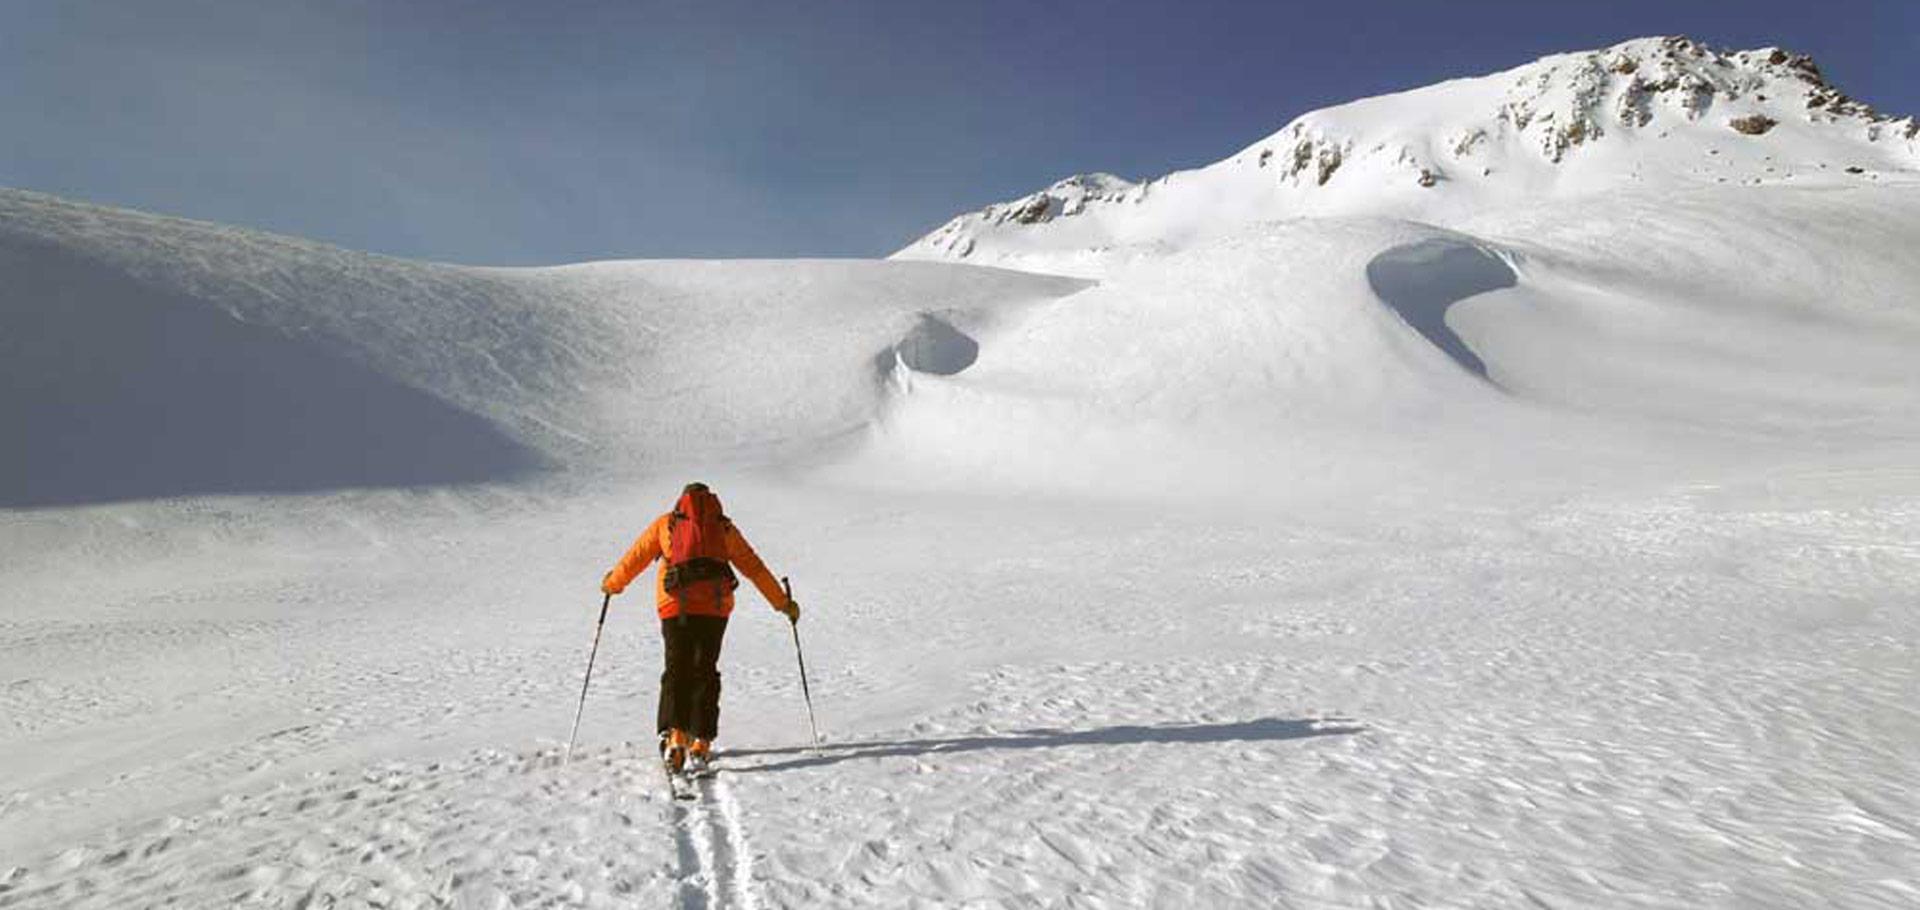 Faire la trace: gestion fine du risque en ski de randonnée